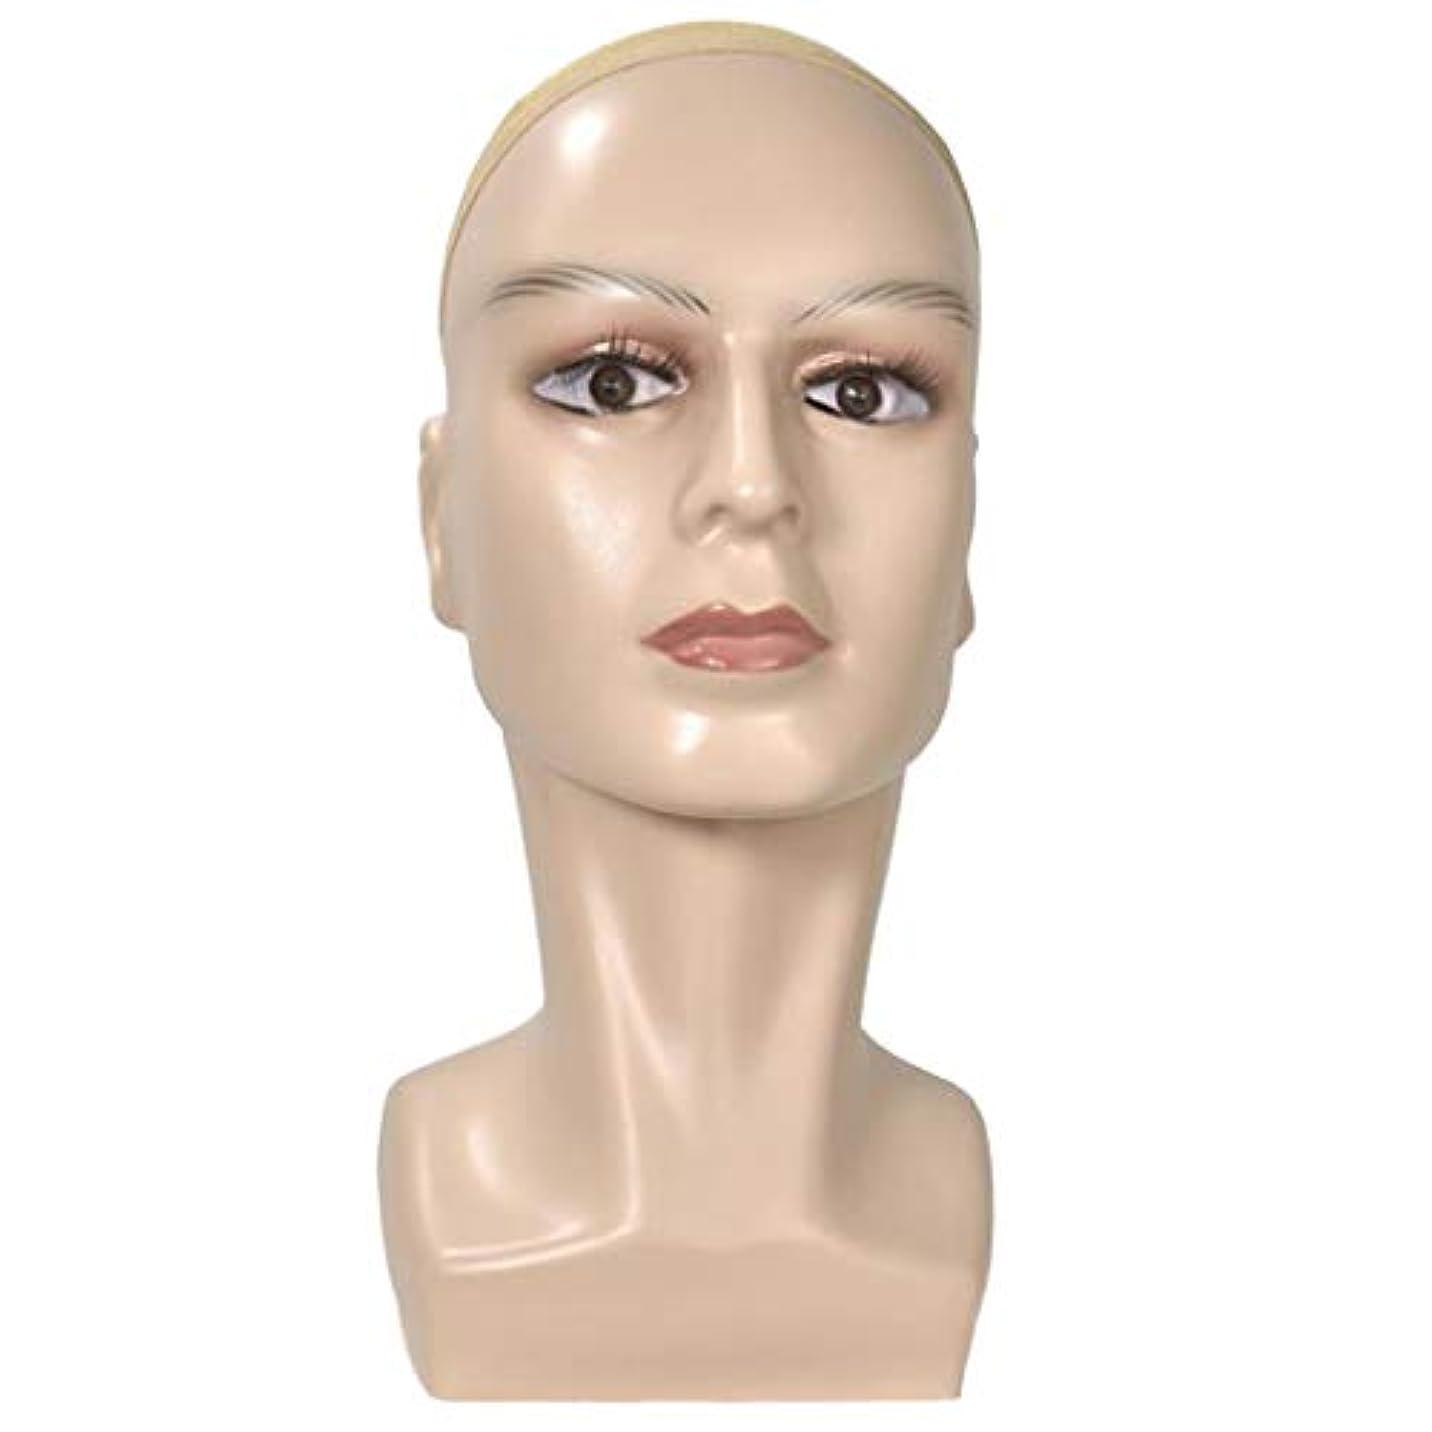 排気酒ショートSM SunniMix マネキンヘッド メイク ウィッグ リアルな 女性 ライフサイズ かつら 帽子 ディスプレイ 全2色 - 肌の色